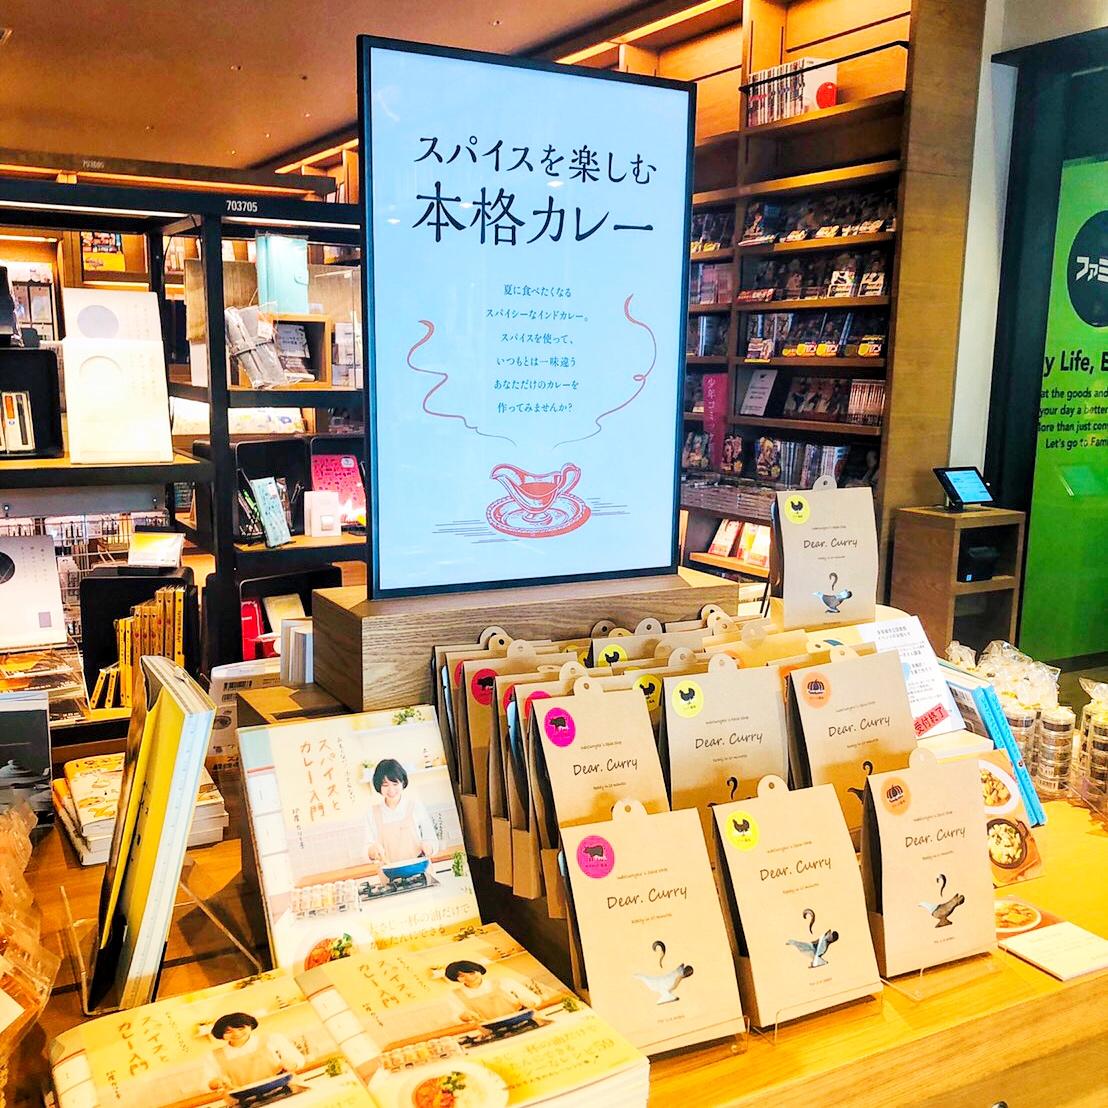 併設の蔦屋書店では初めてでも楽しく作れるスパイスキットや書籍の販売も